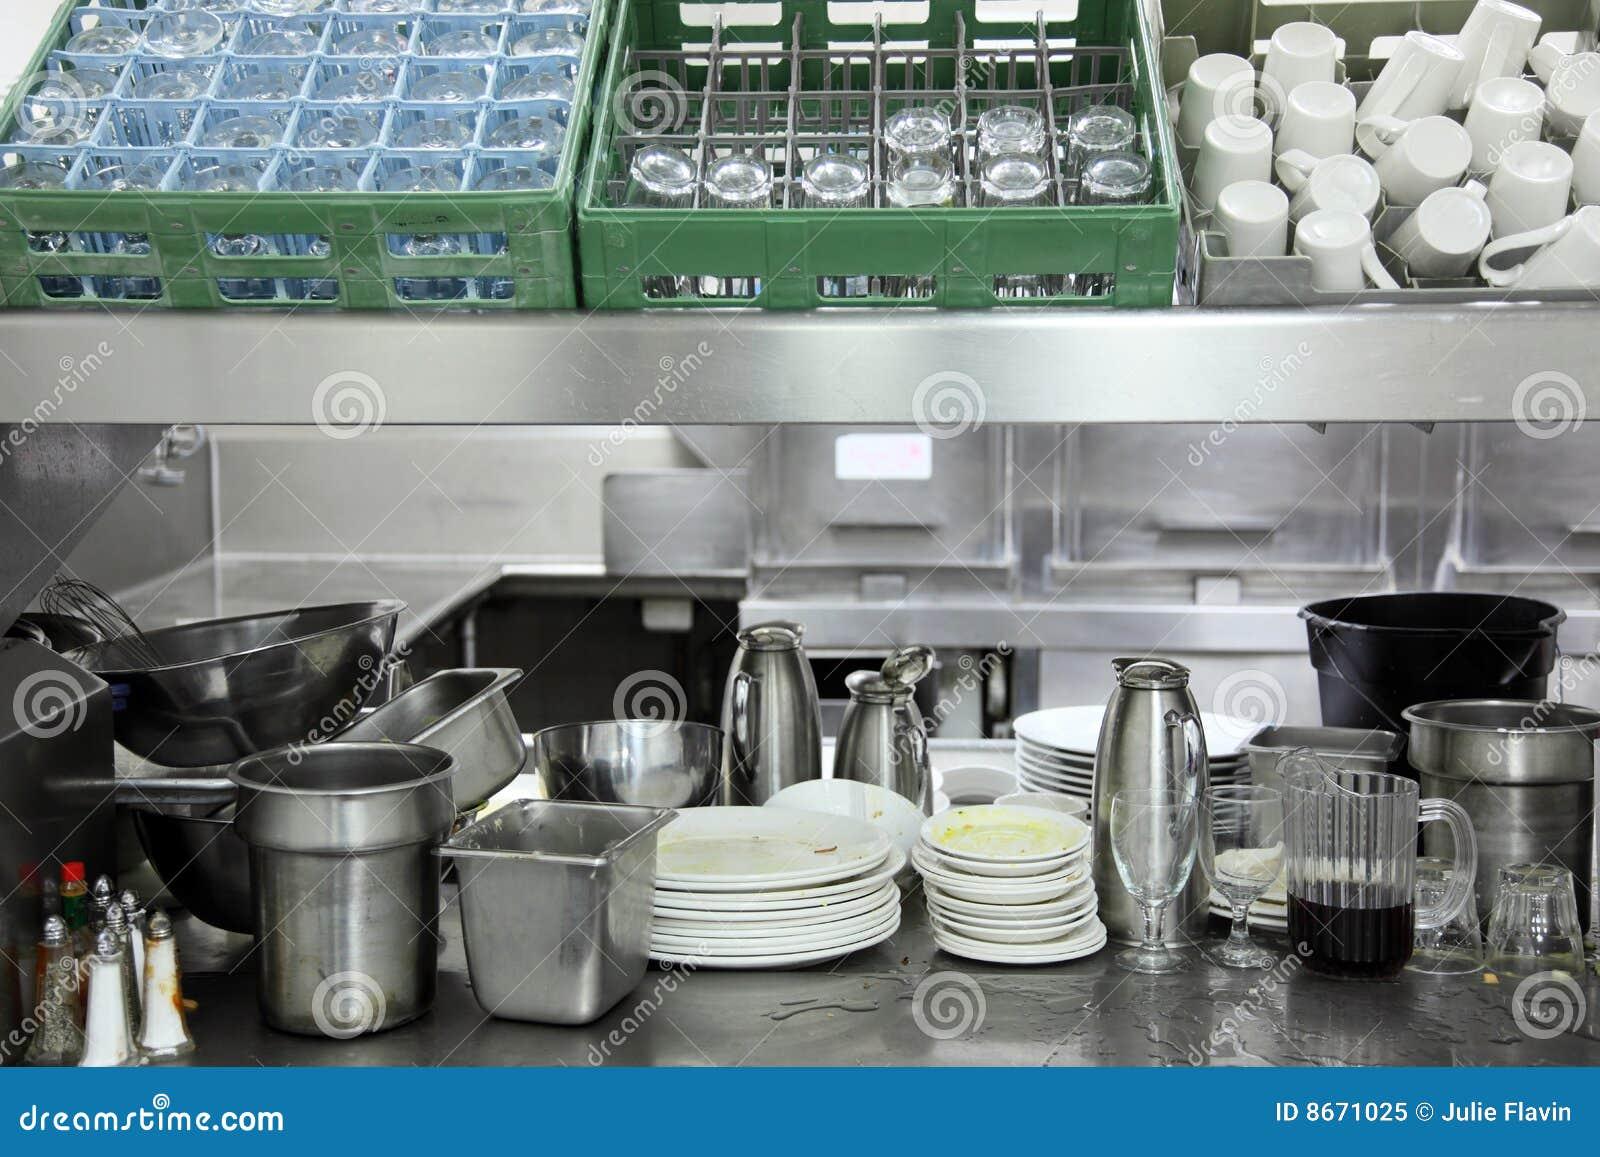 zone de vaisselle de cuisine de restaurant image stock image 8671025. Black Bedroom Furniture Sets. Home Design Ideas